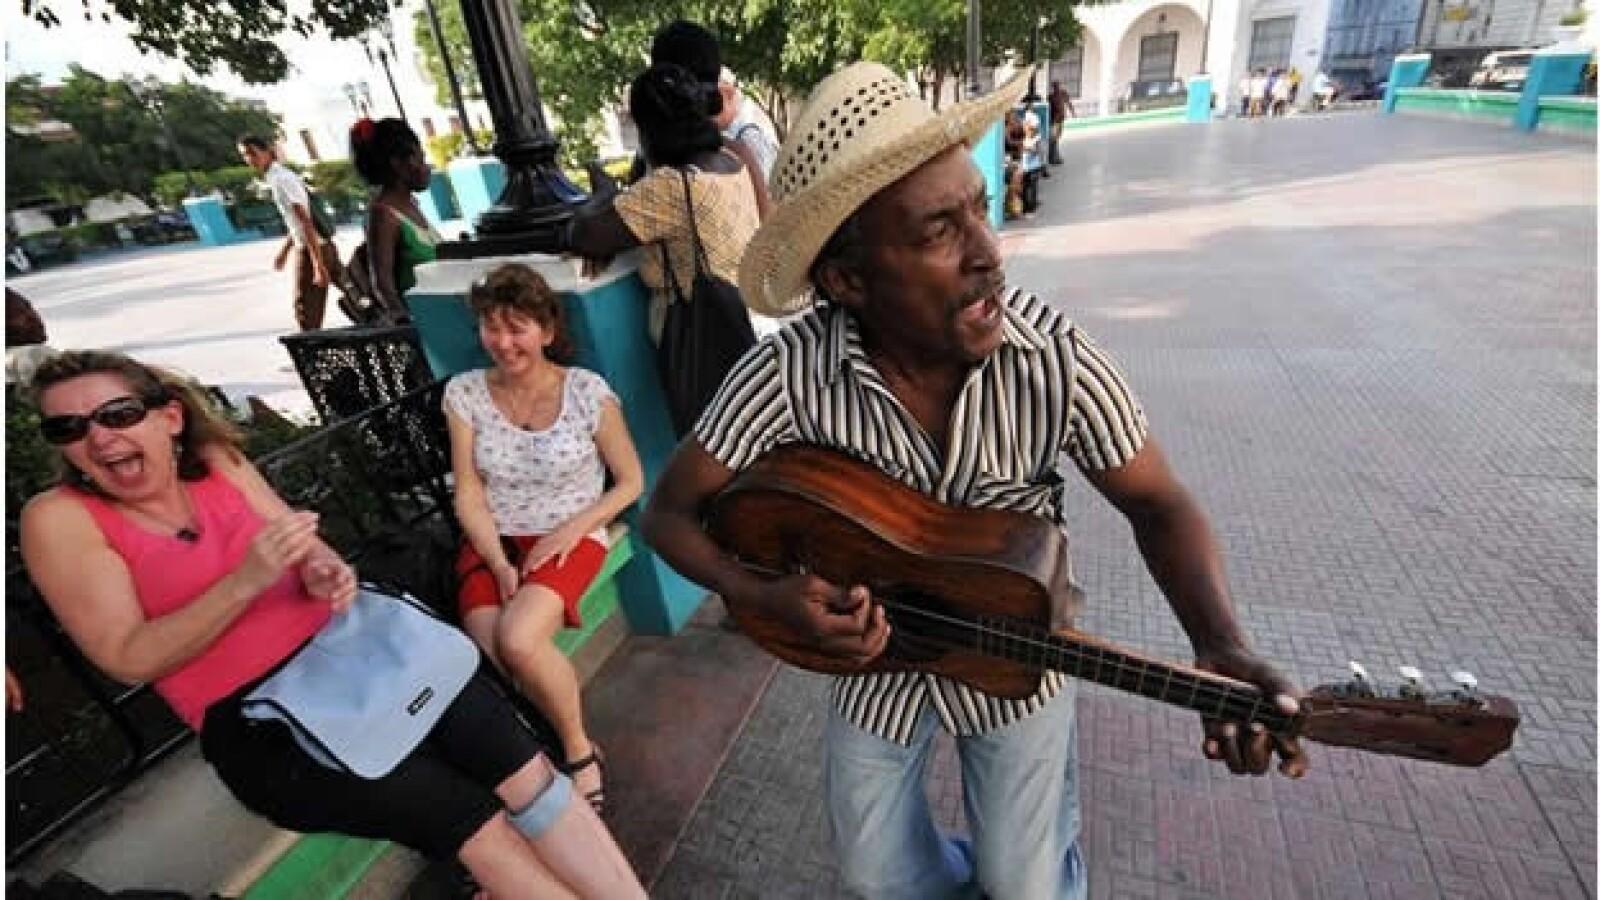 Con tradición de carnavales, músicos y poetas callejeros, altas temperaturas y una fama plasmada en vallas y carteles por todas partes